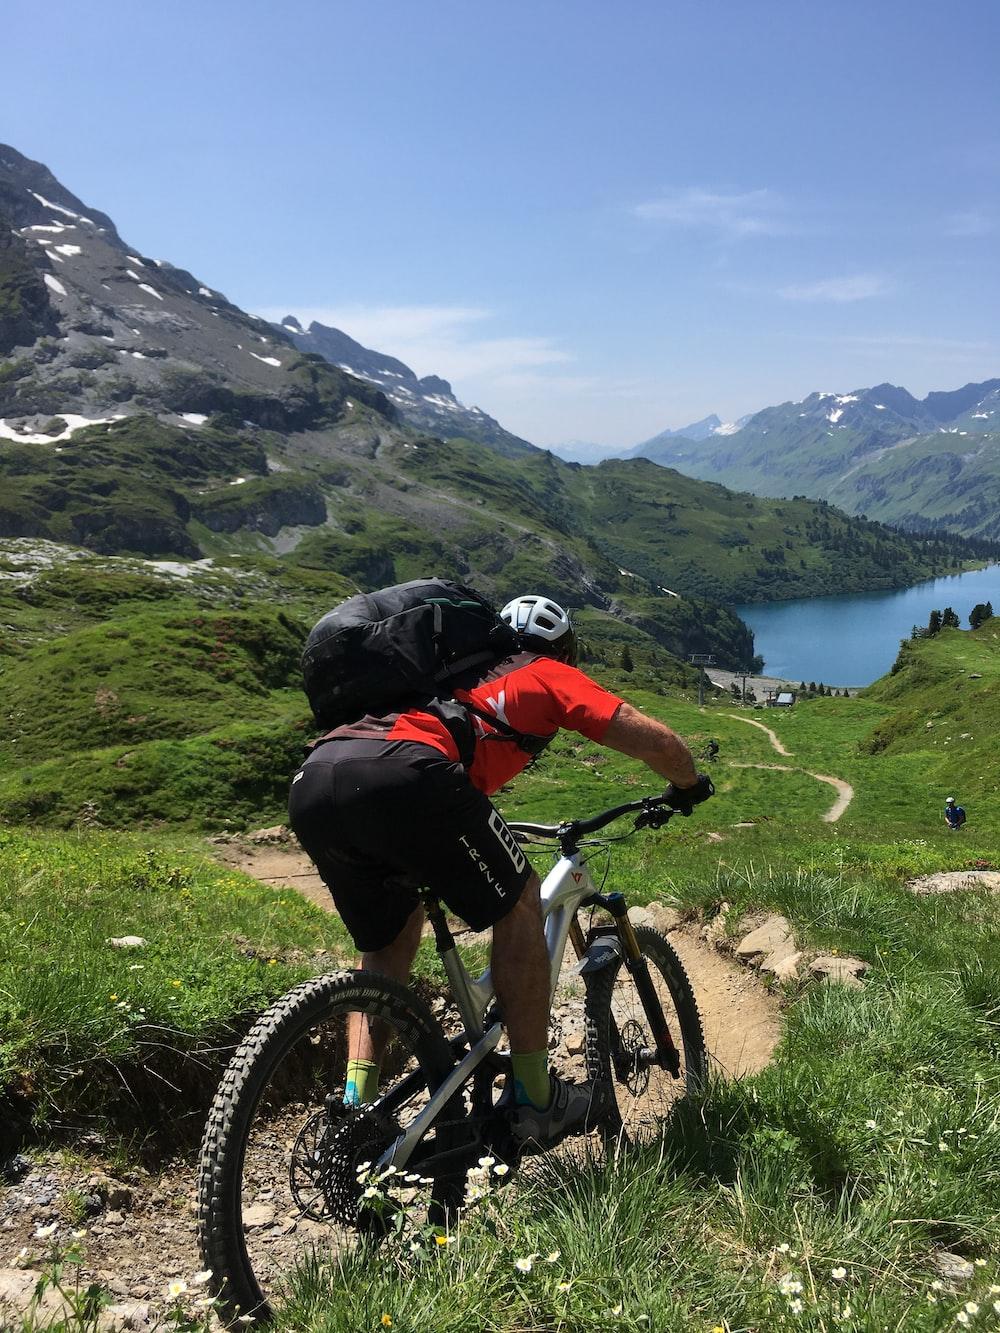 man in black jacket riding on mountain bike during daytime